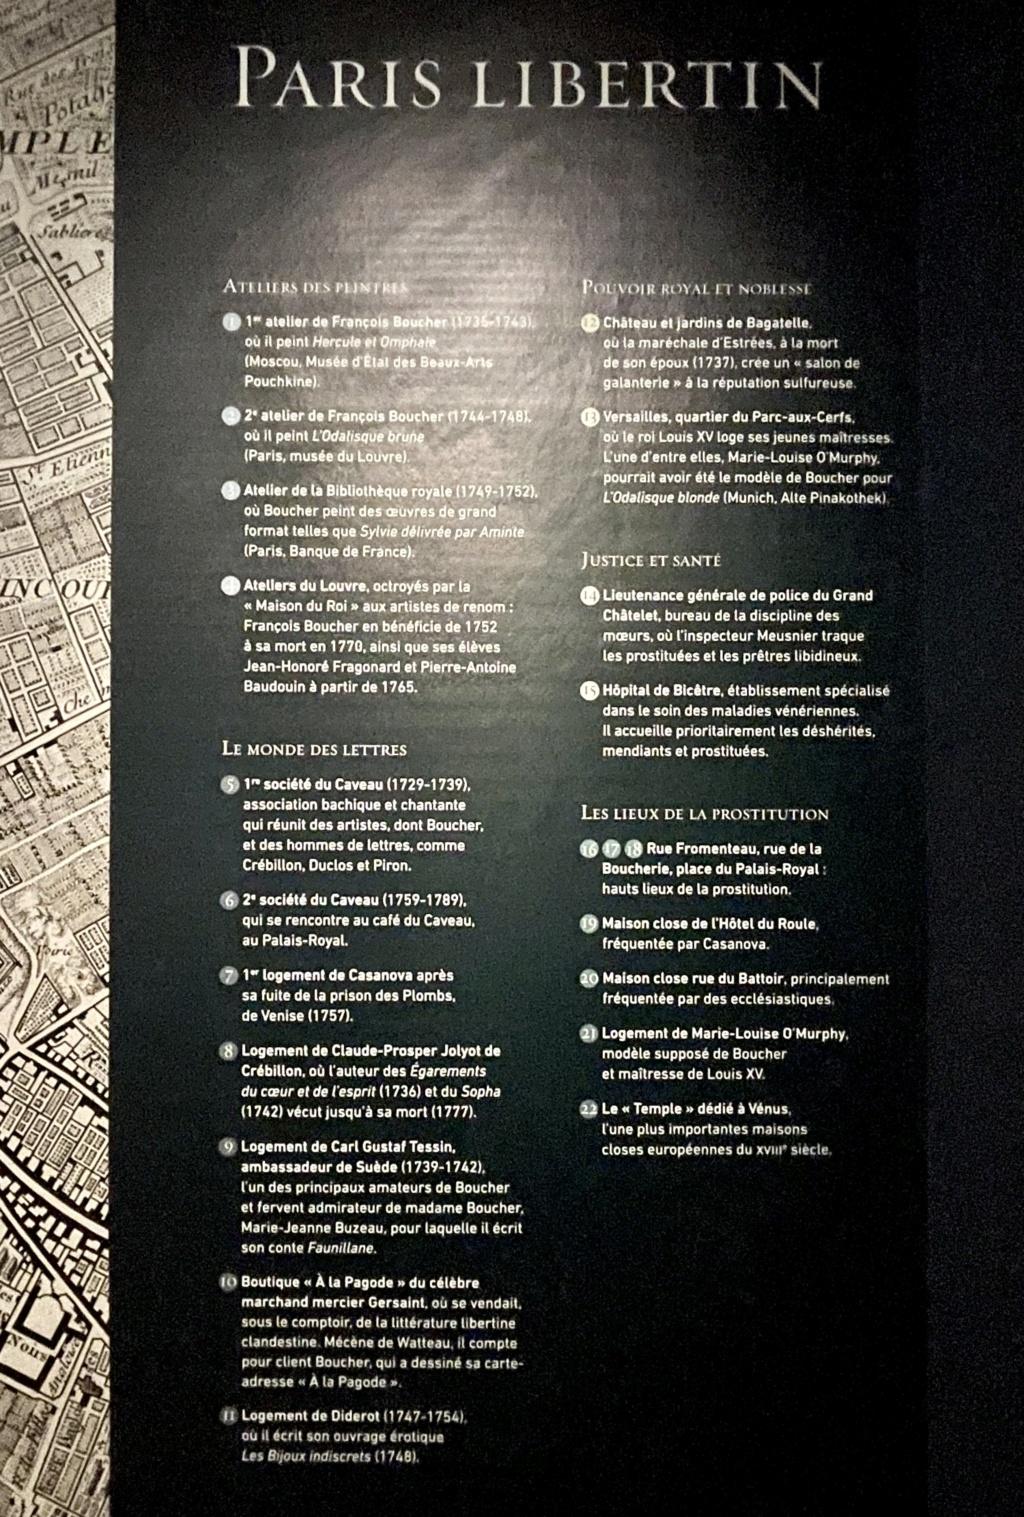 Exposition : L'Empire des sens, de François Boucher à Jean-Baptiste Greuze, au musée Cognacq-Jay F558eb10